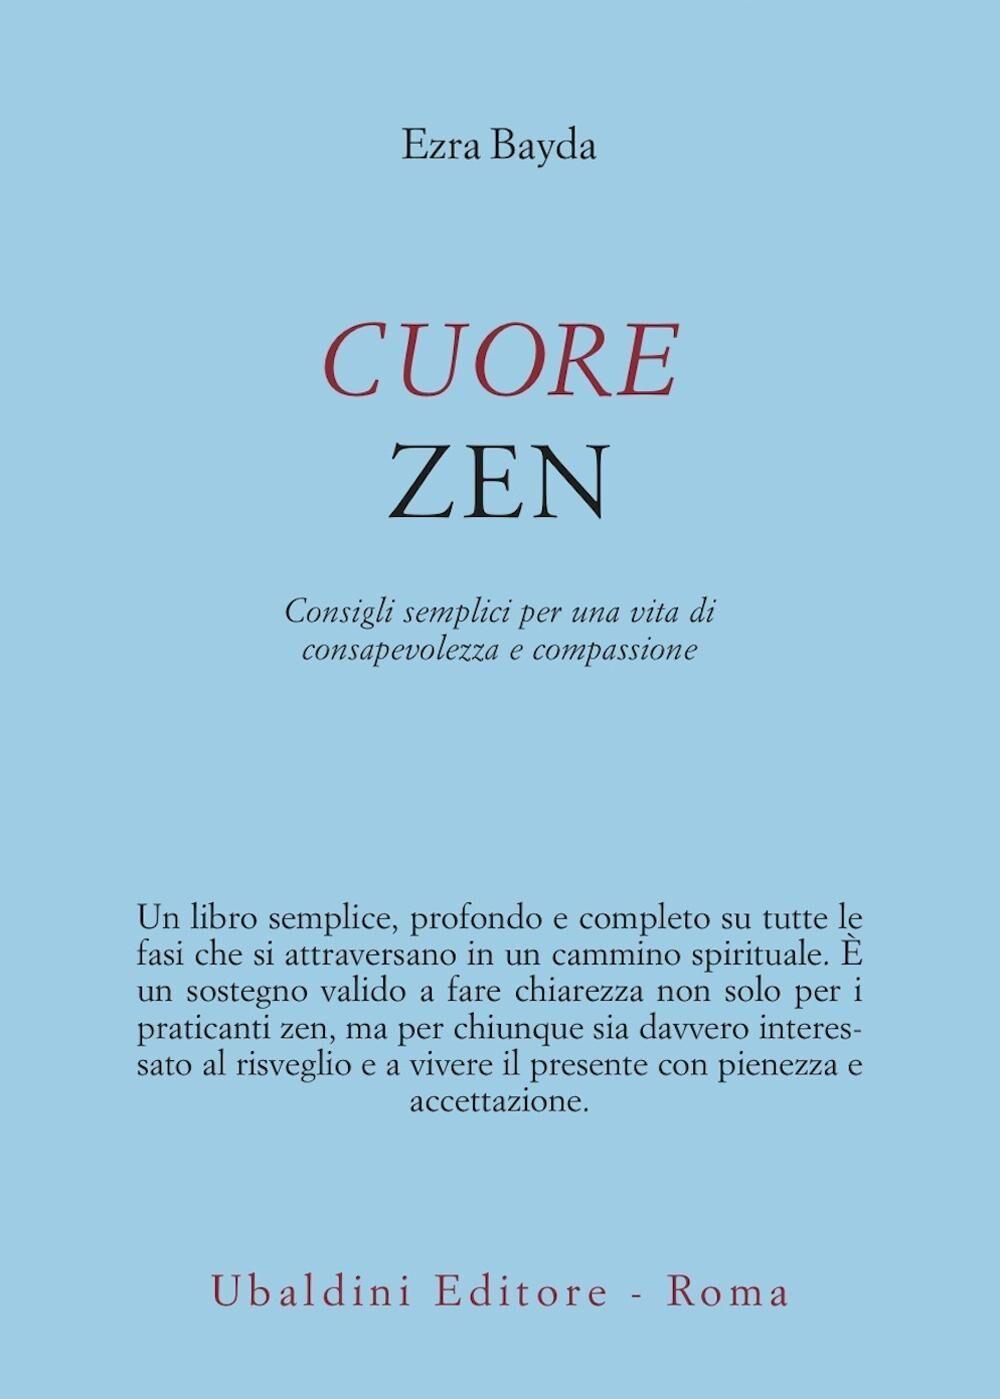 Cuore zen. Consigli semplici per una vita di consapevolezza e compassione